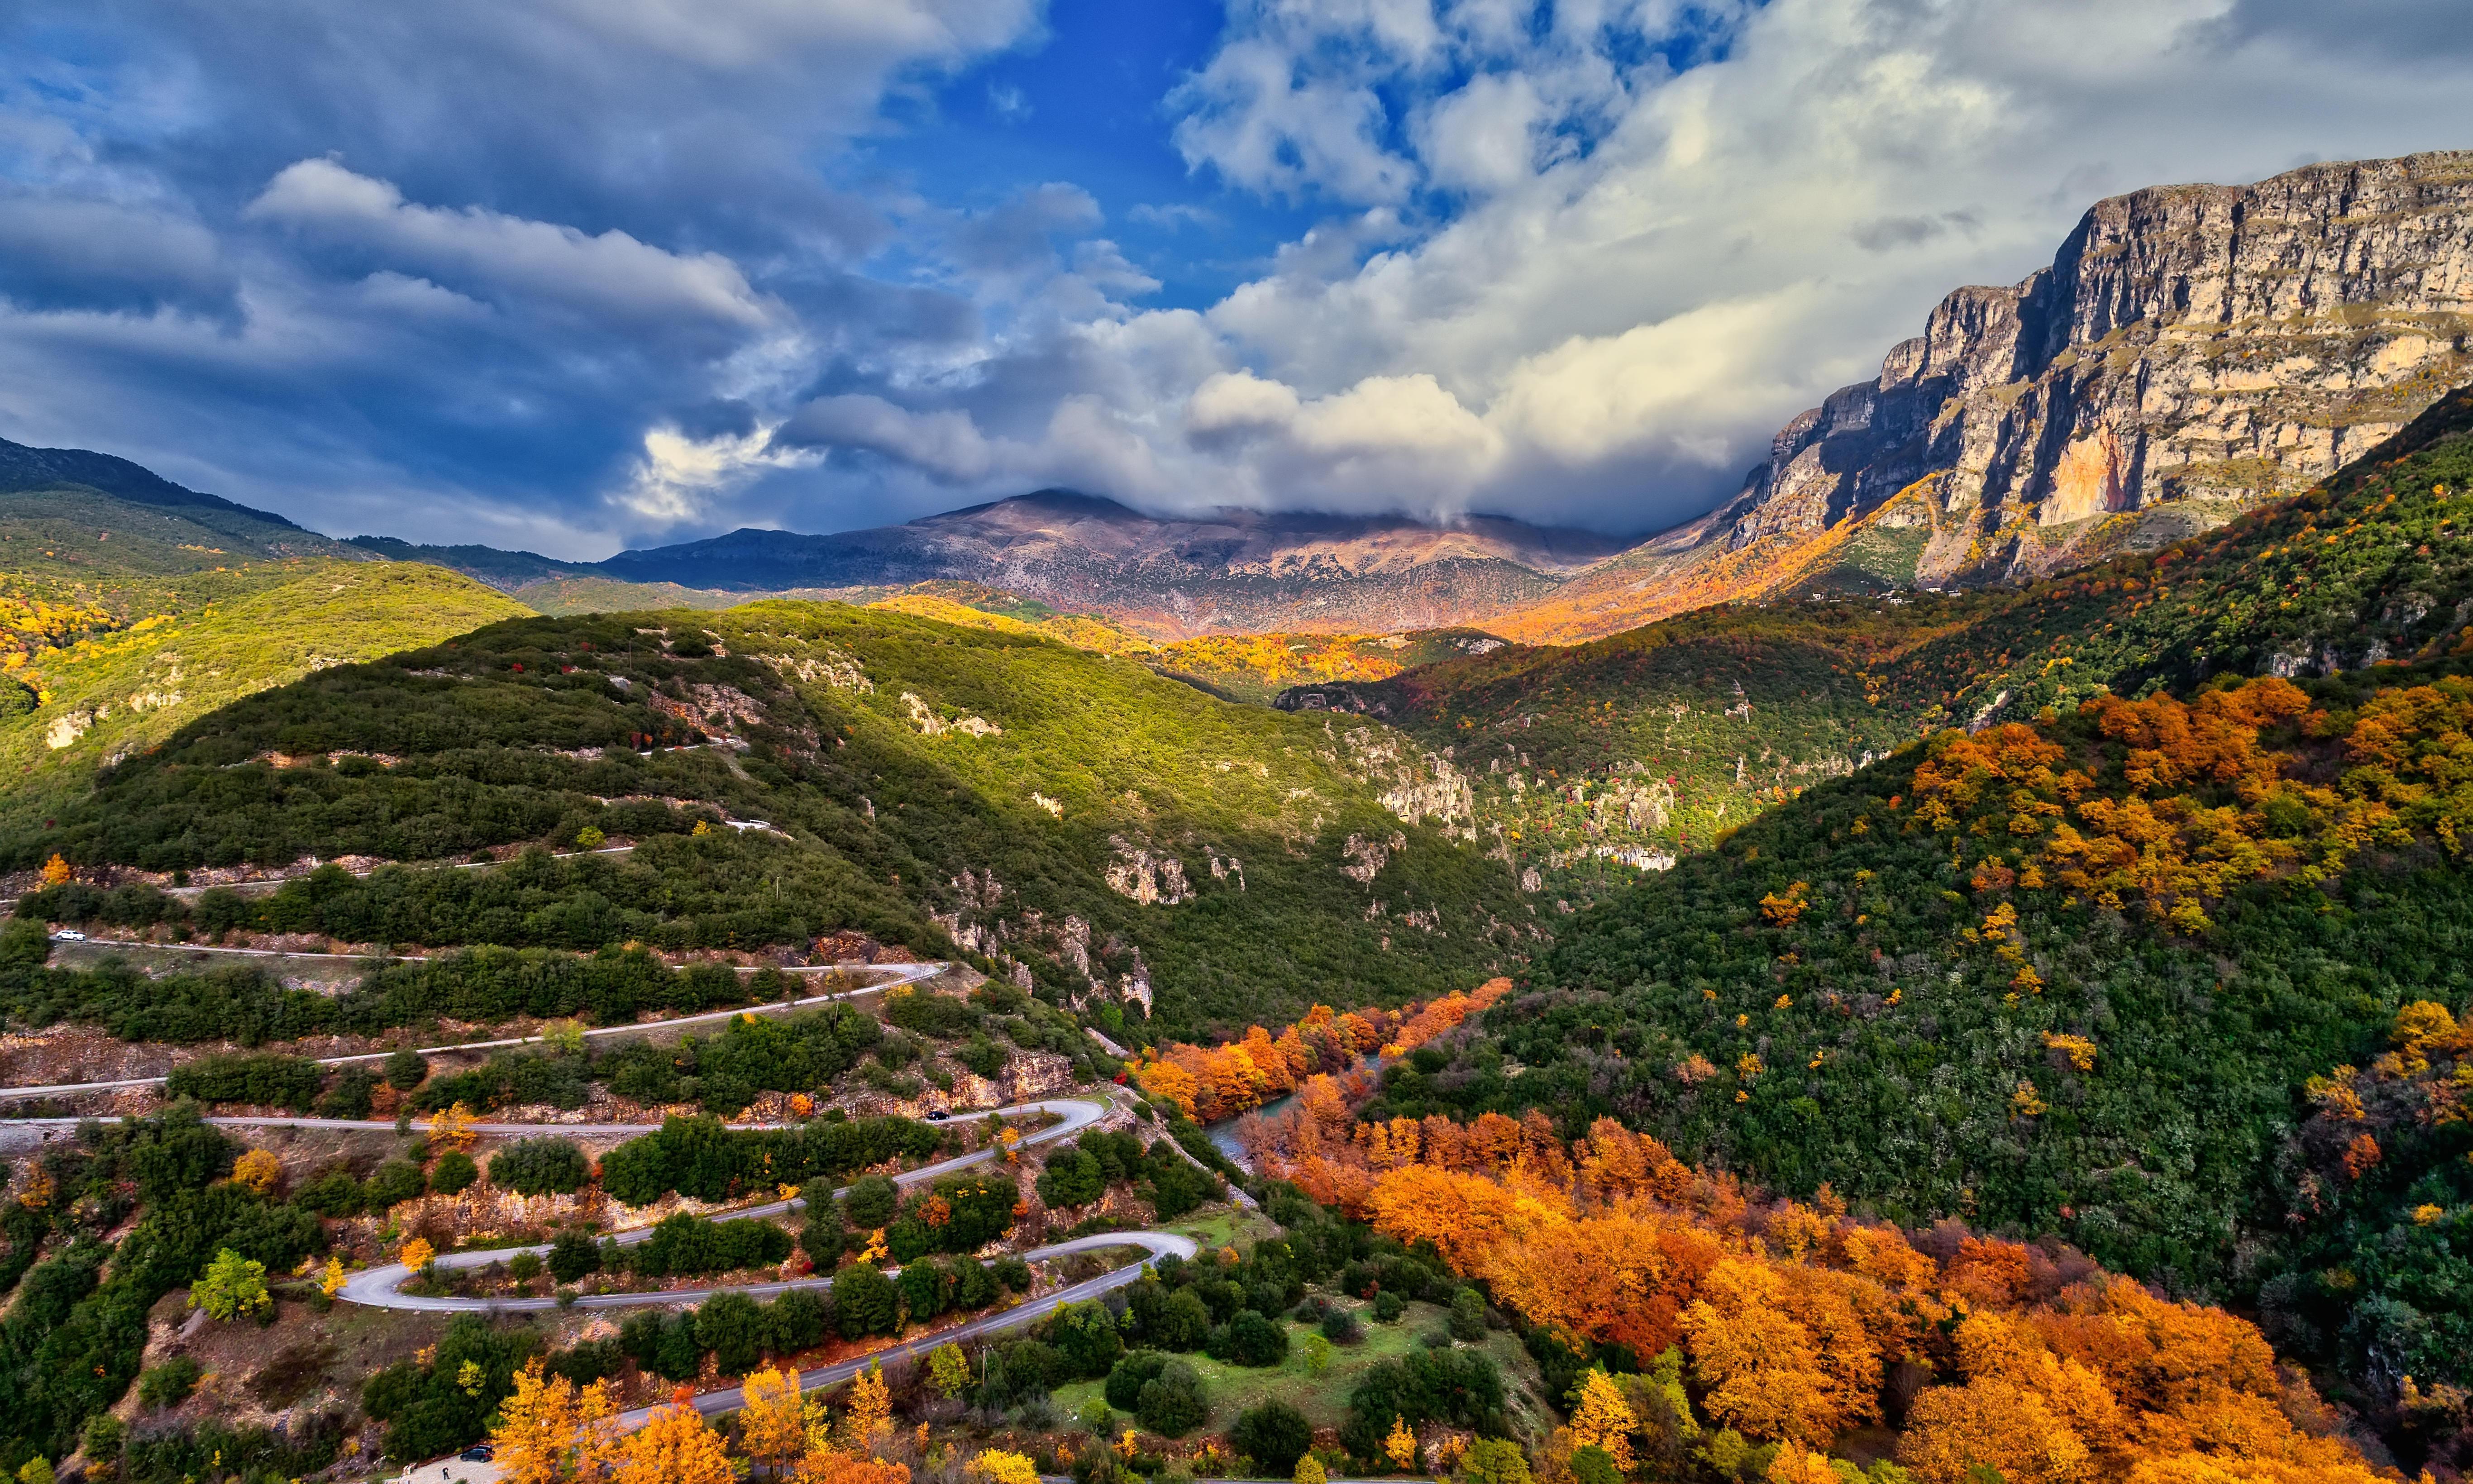 British hiker Robert Fromer found dead in north-west Greece